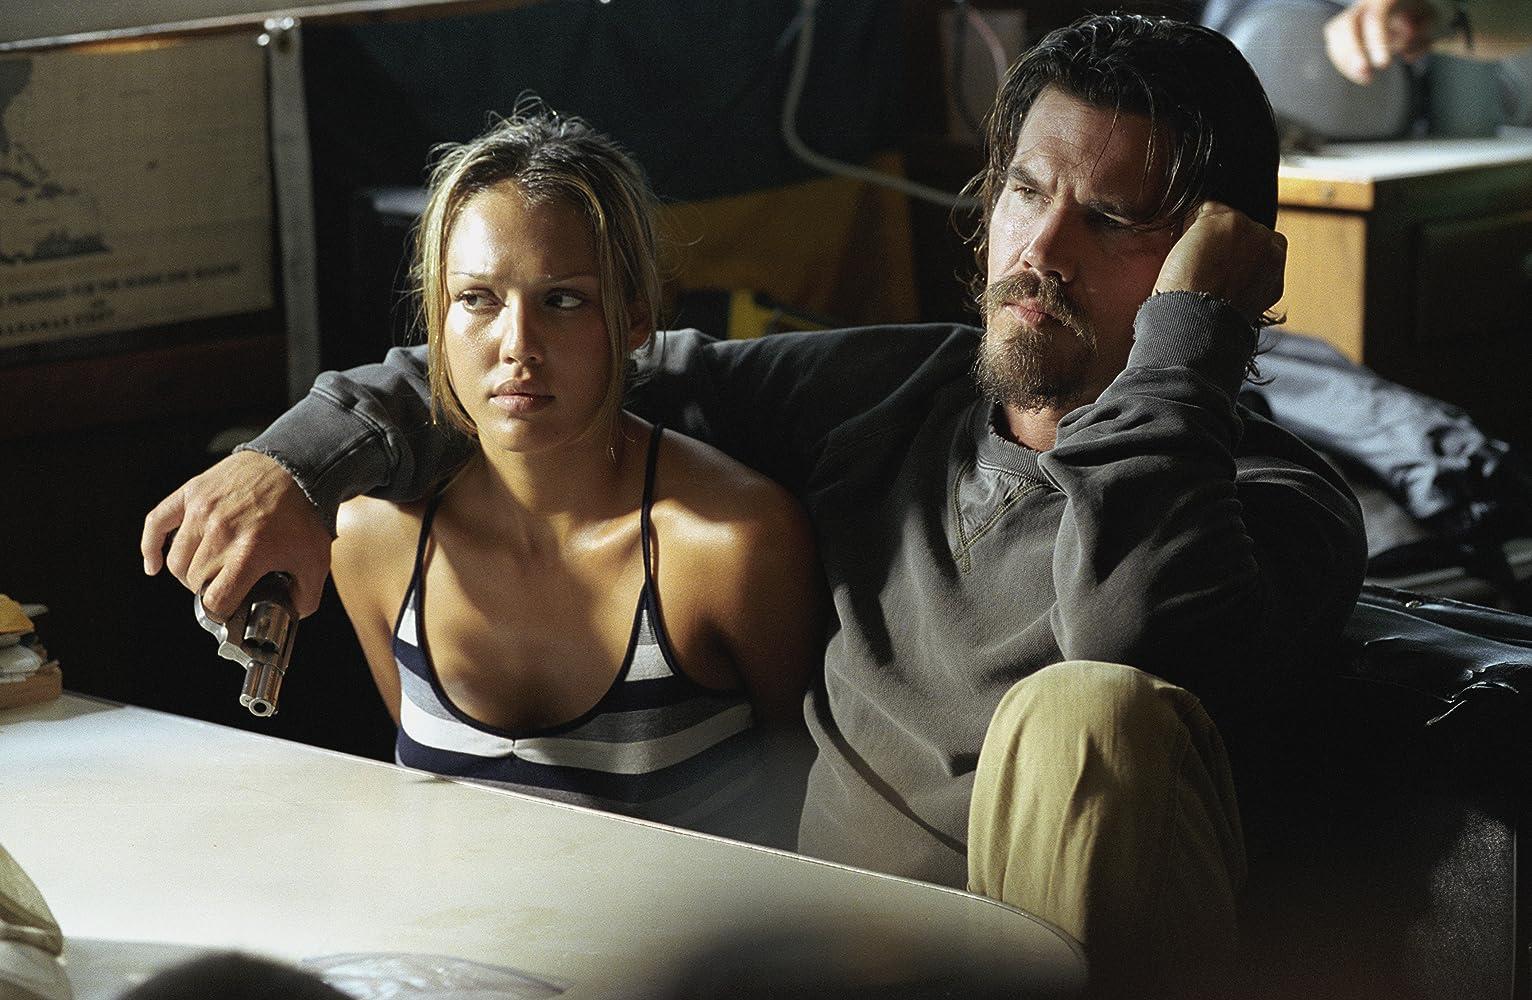 Josh Brolin and Jessica Alba in Into the Blue (2005)